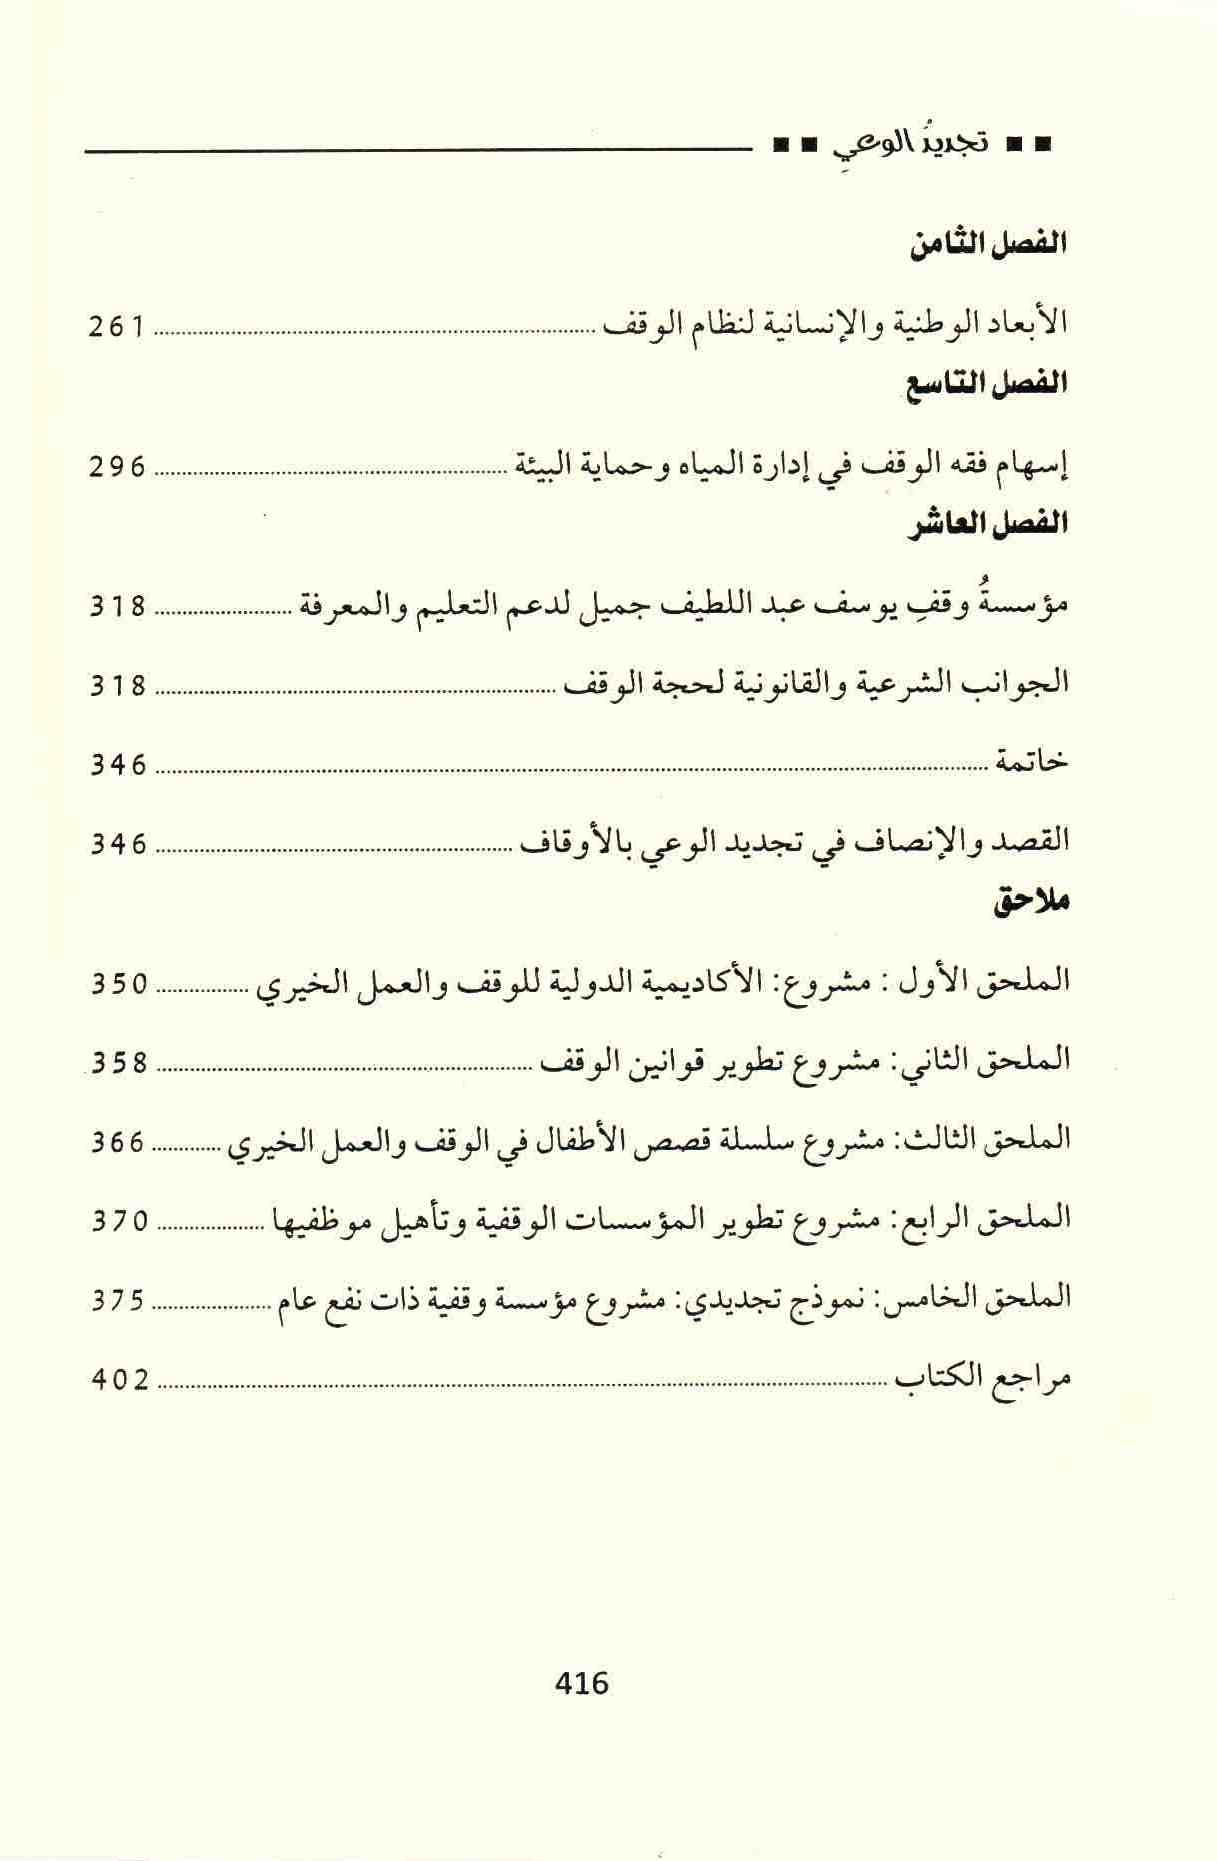 ص 416 محتويات كتاب تجديد الوعي الإسلامي